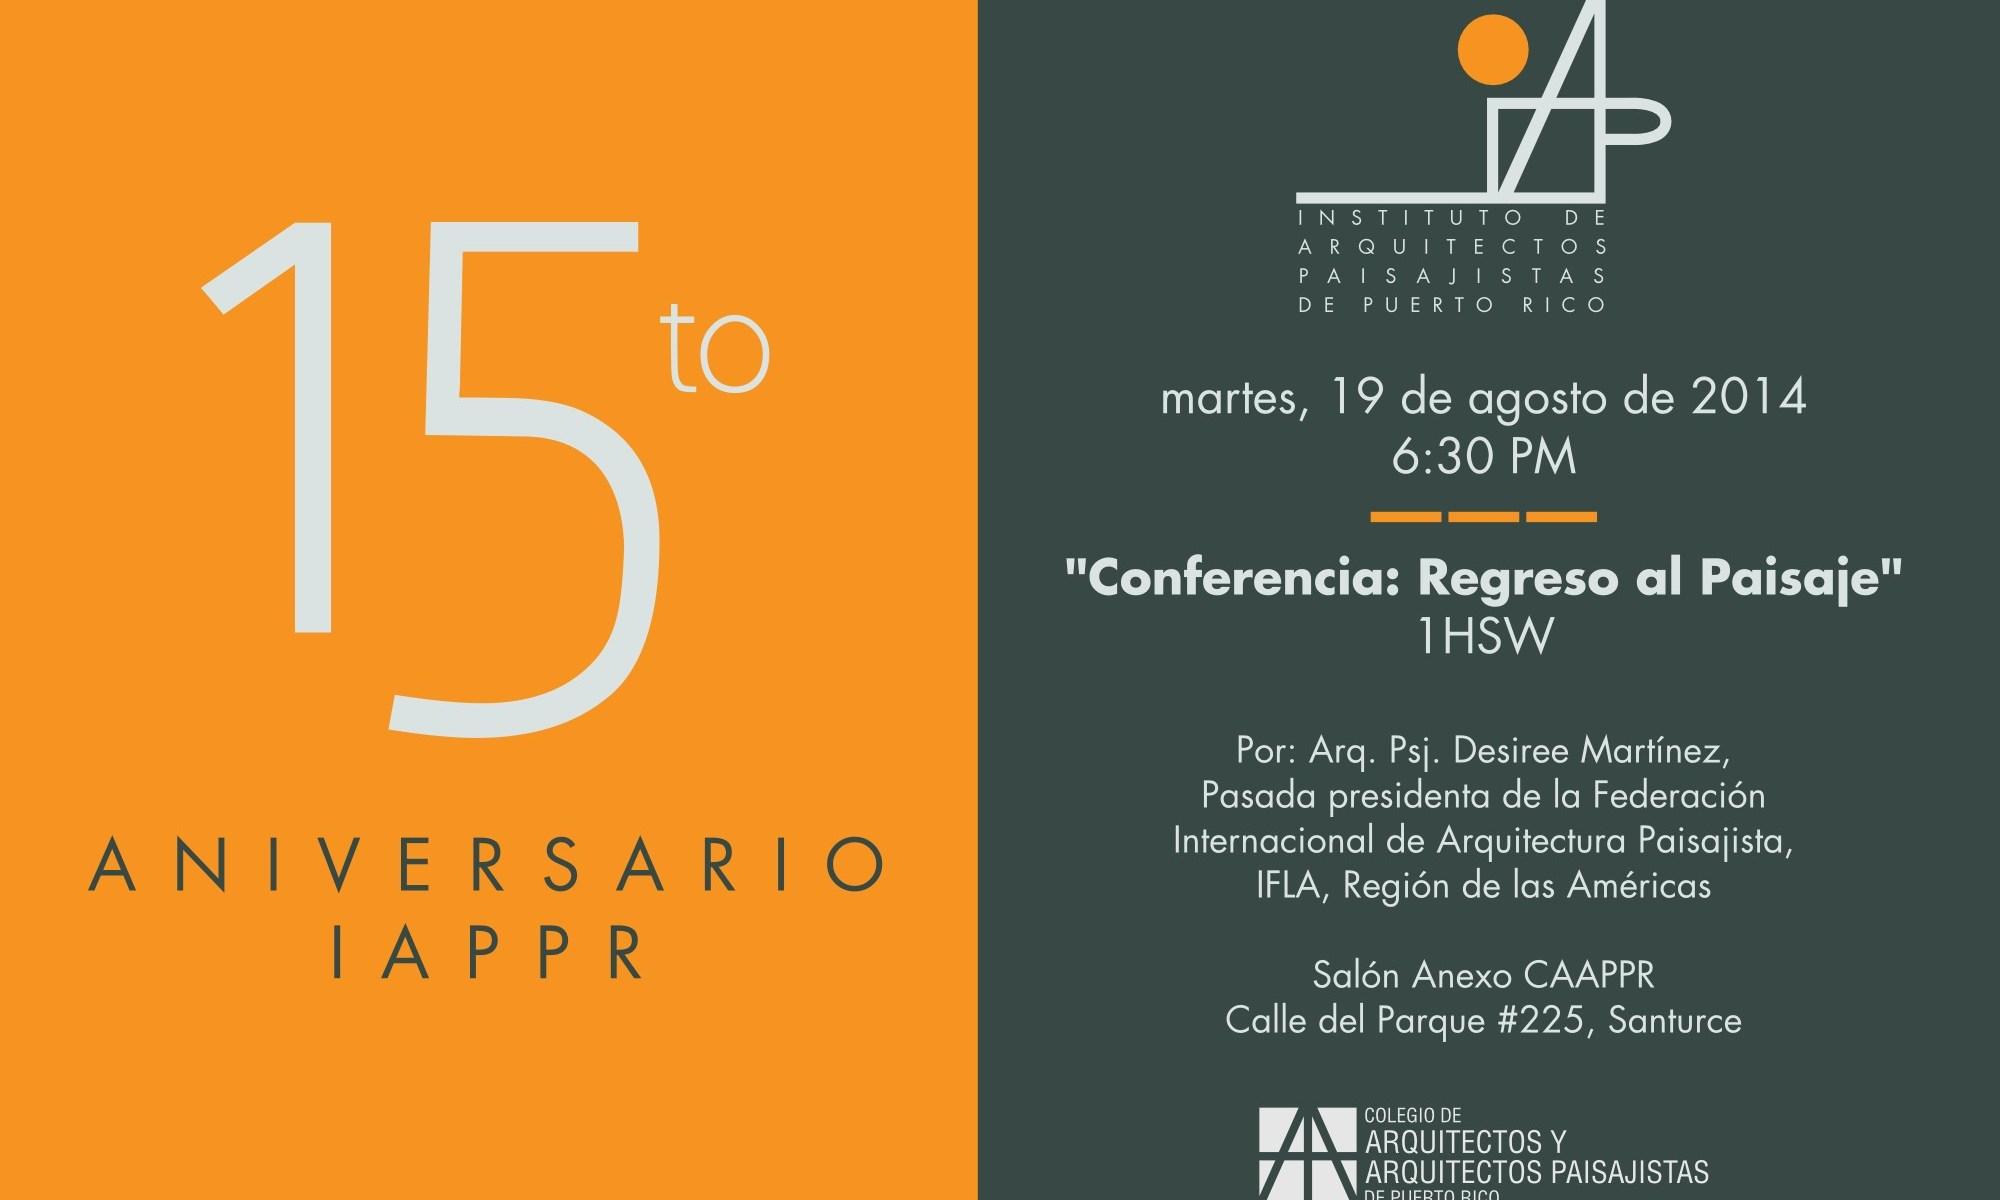 Instituto de Arquitectos Paisajistas de Puerto Rico cumple 15 años